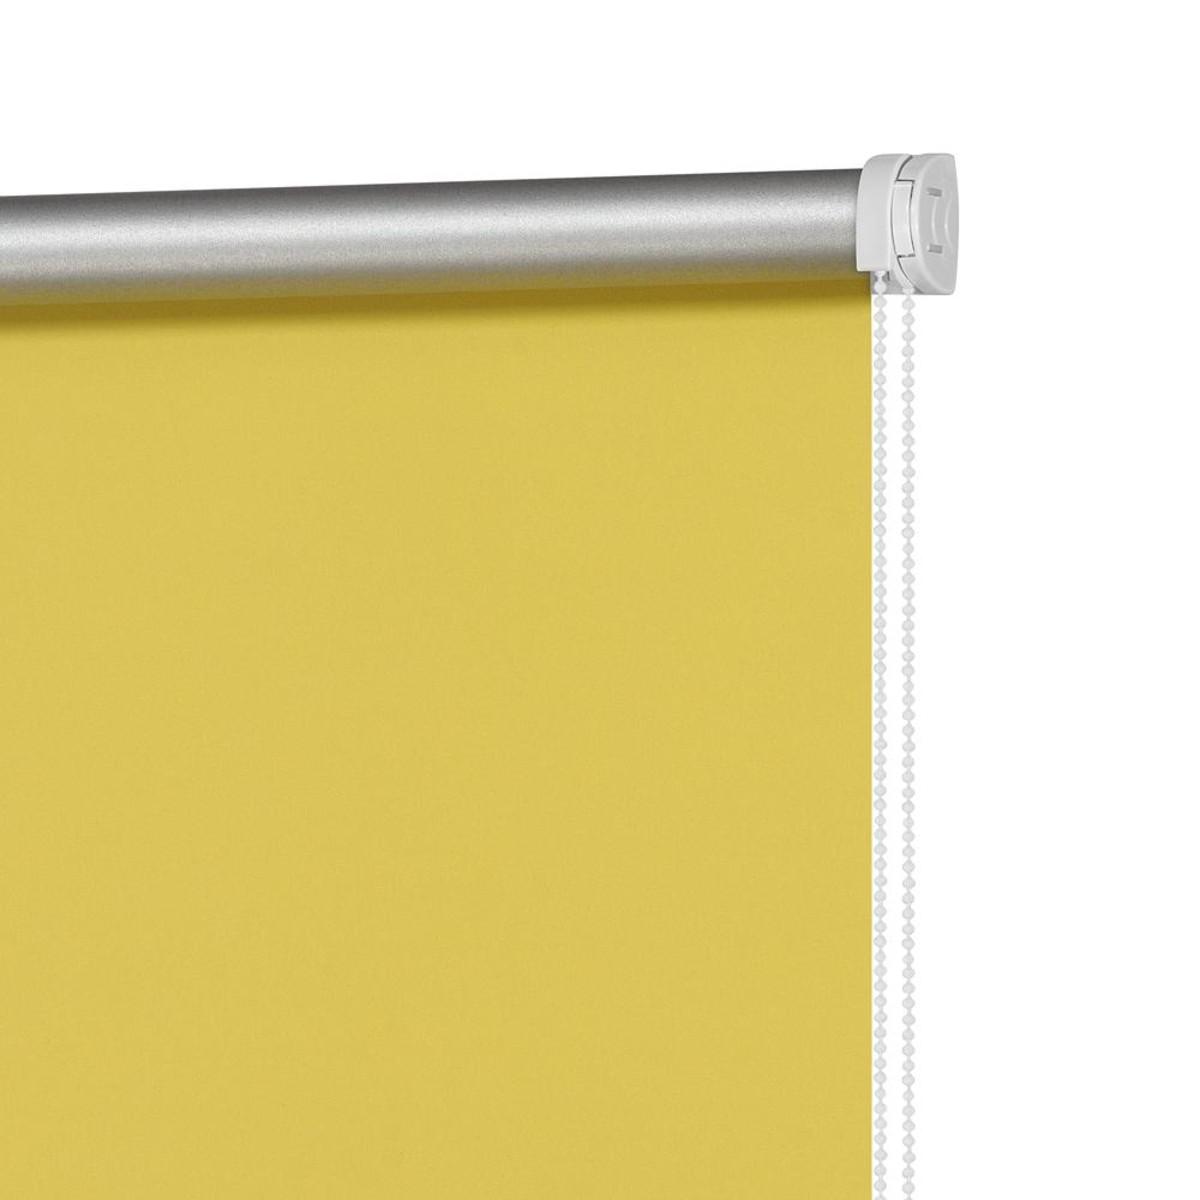 Рулонная Ора Decofest Блэкаут Плайн 70Х160 Цвет Желтый